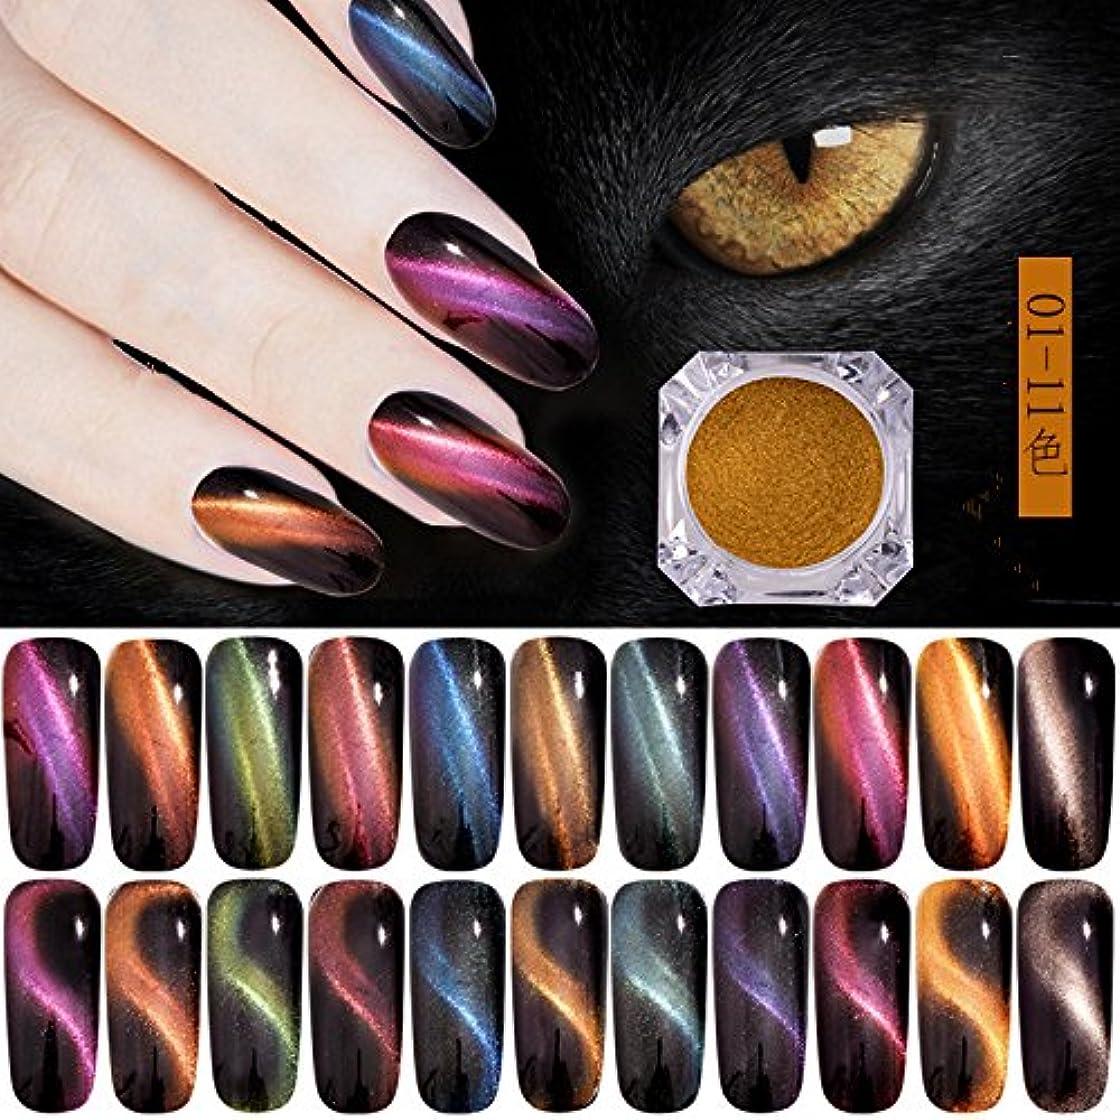 狂人アデレード短くするオーロラキャッツアイカラーパウダー カメレオン&猫の目のように効果 マグネットネイルパウダー マジック磁気グリッターダストUVジェルマニキュアネイルアートピグメント 11色から選べ (11色セット)